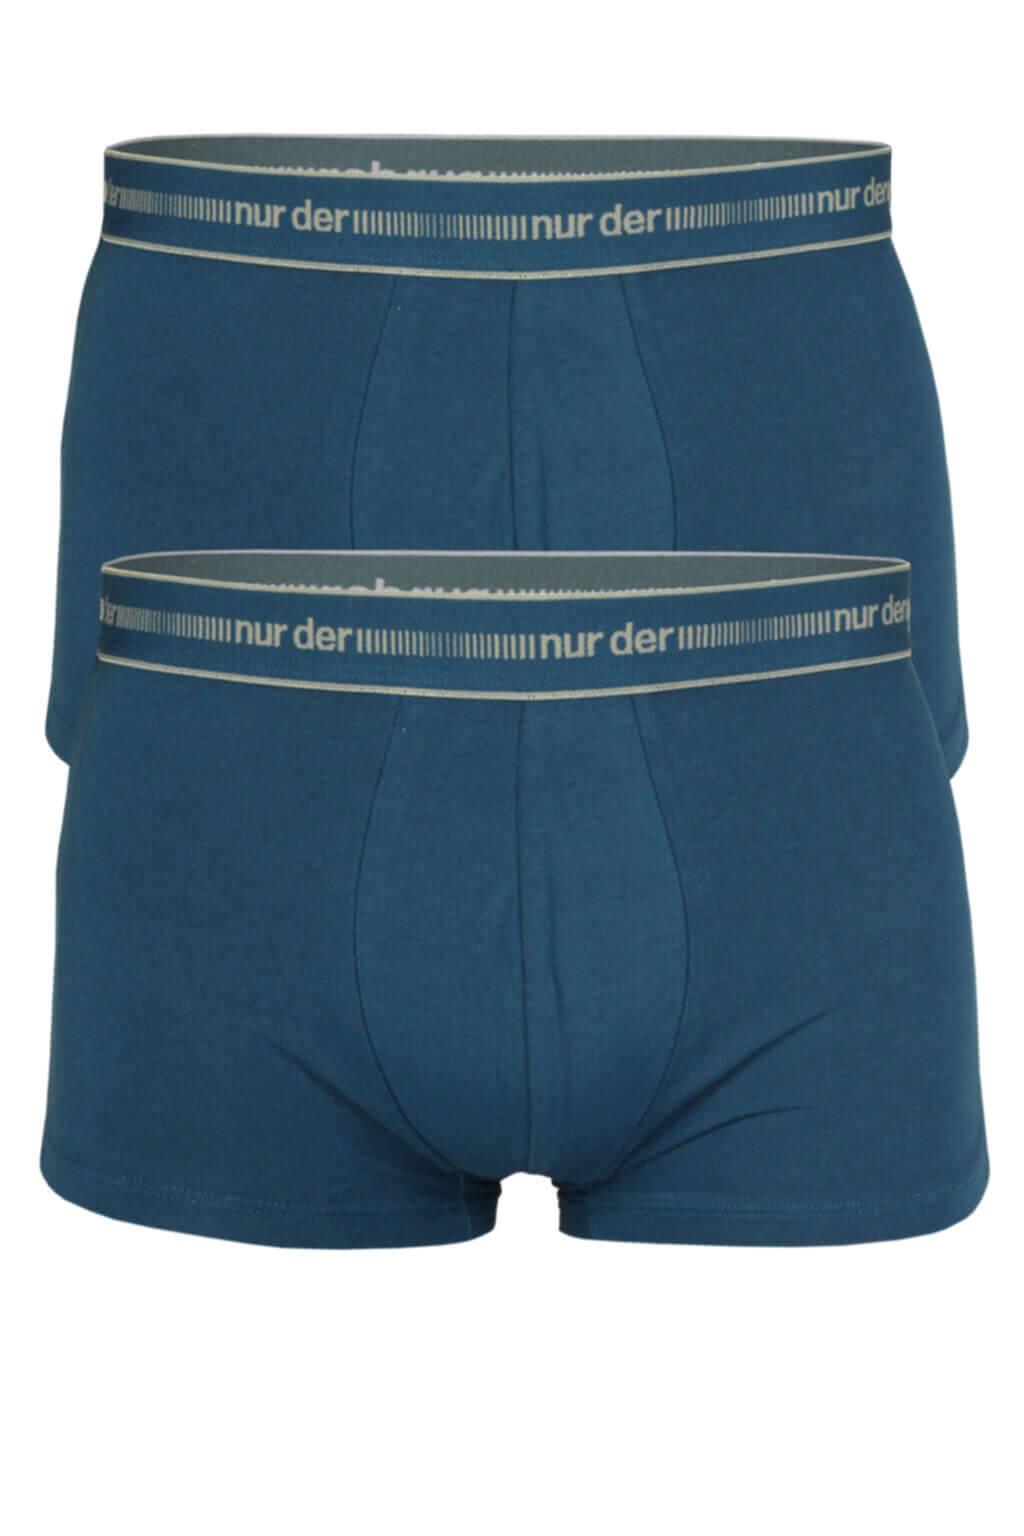 694de2fa0 Matias Zwei Nur Der bavlněné boxerky 2pack - Glami.cz